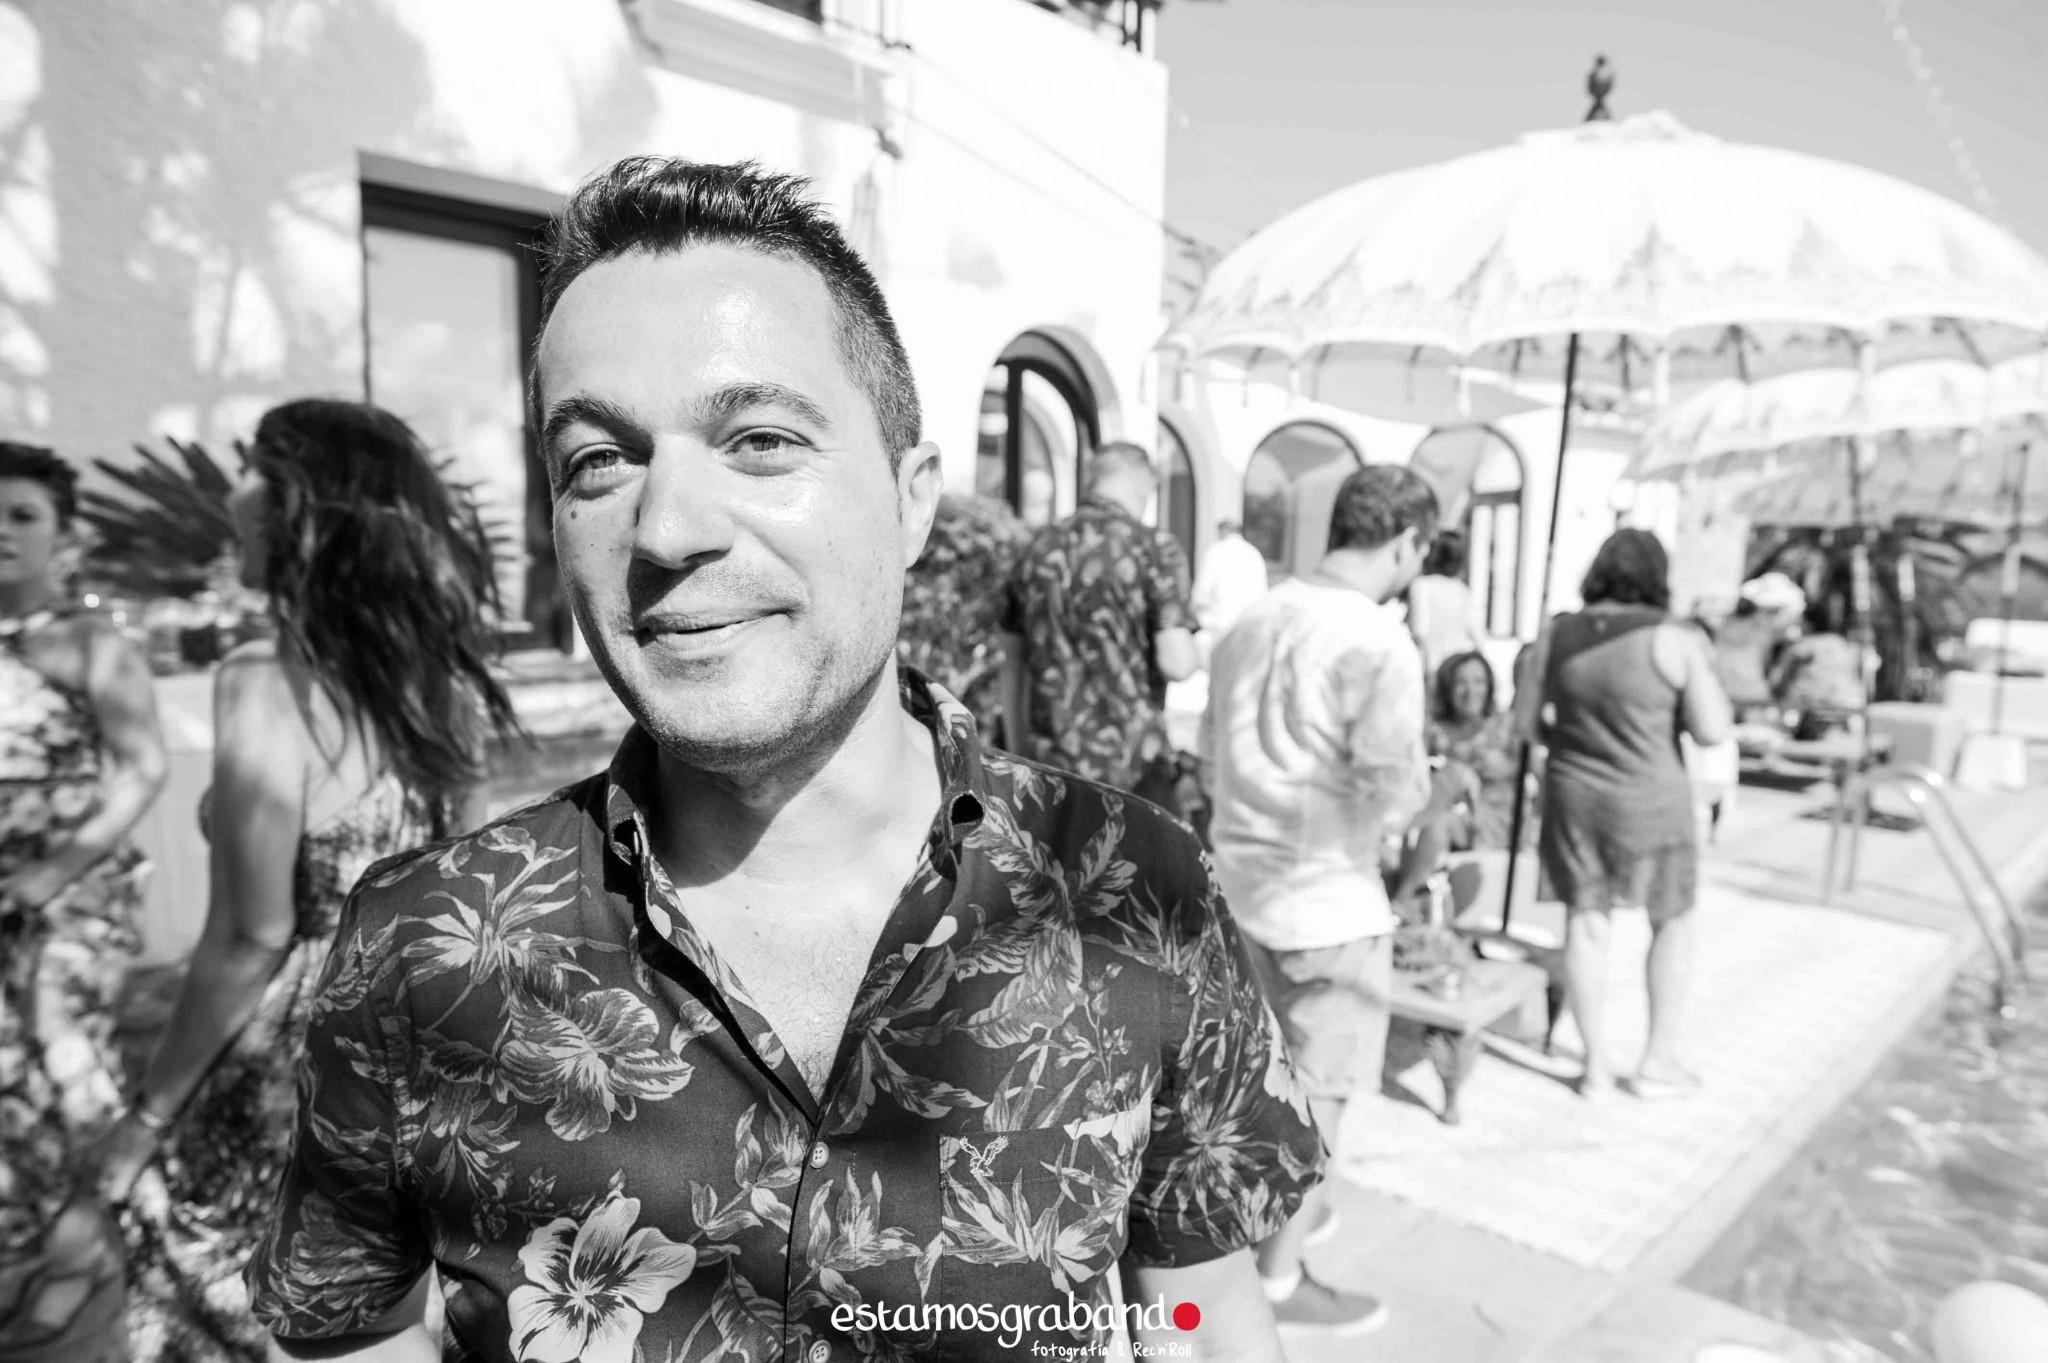 Alba-y-Jose-BTTW-34 Los invitados de Alba & Jose [Back to the wedding_Atlanterra, Zahara de los Atunes] - video boda cadiz